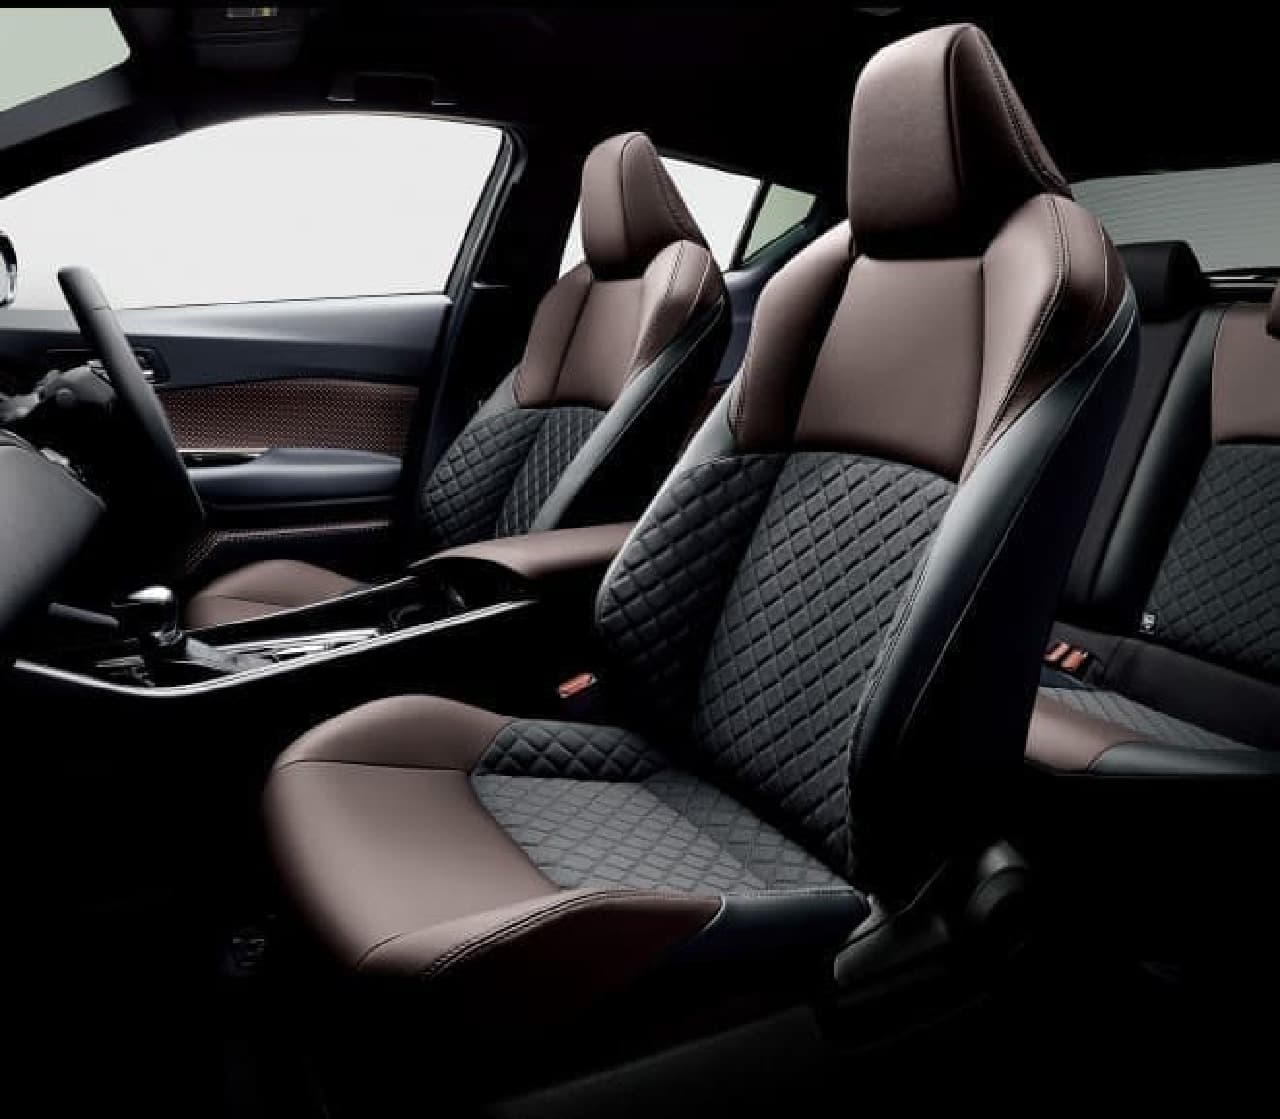 トヨタの新型コンパクトSUV「C-HR(シーエイチアール)」